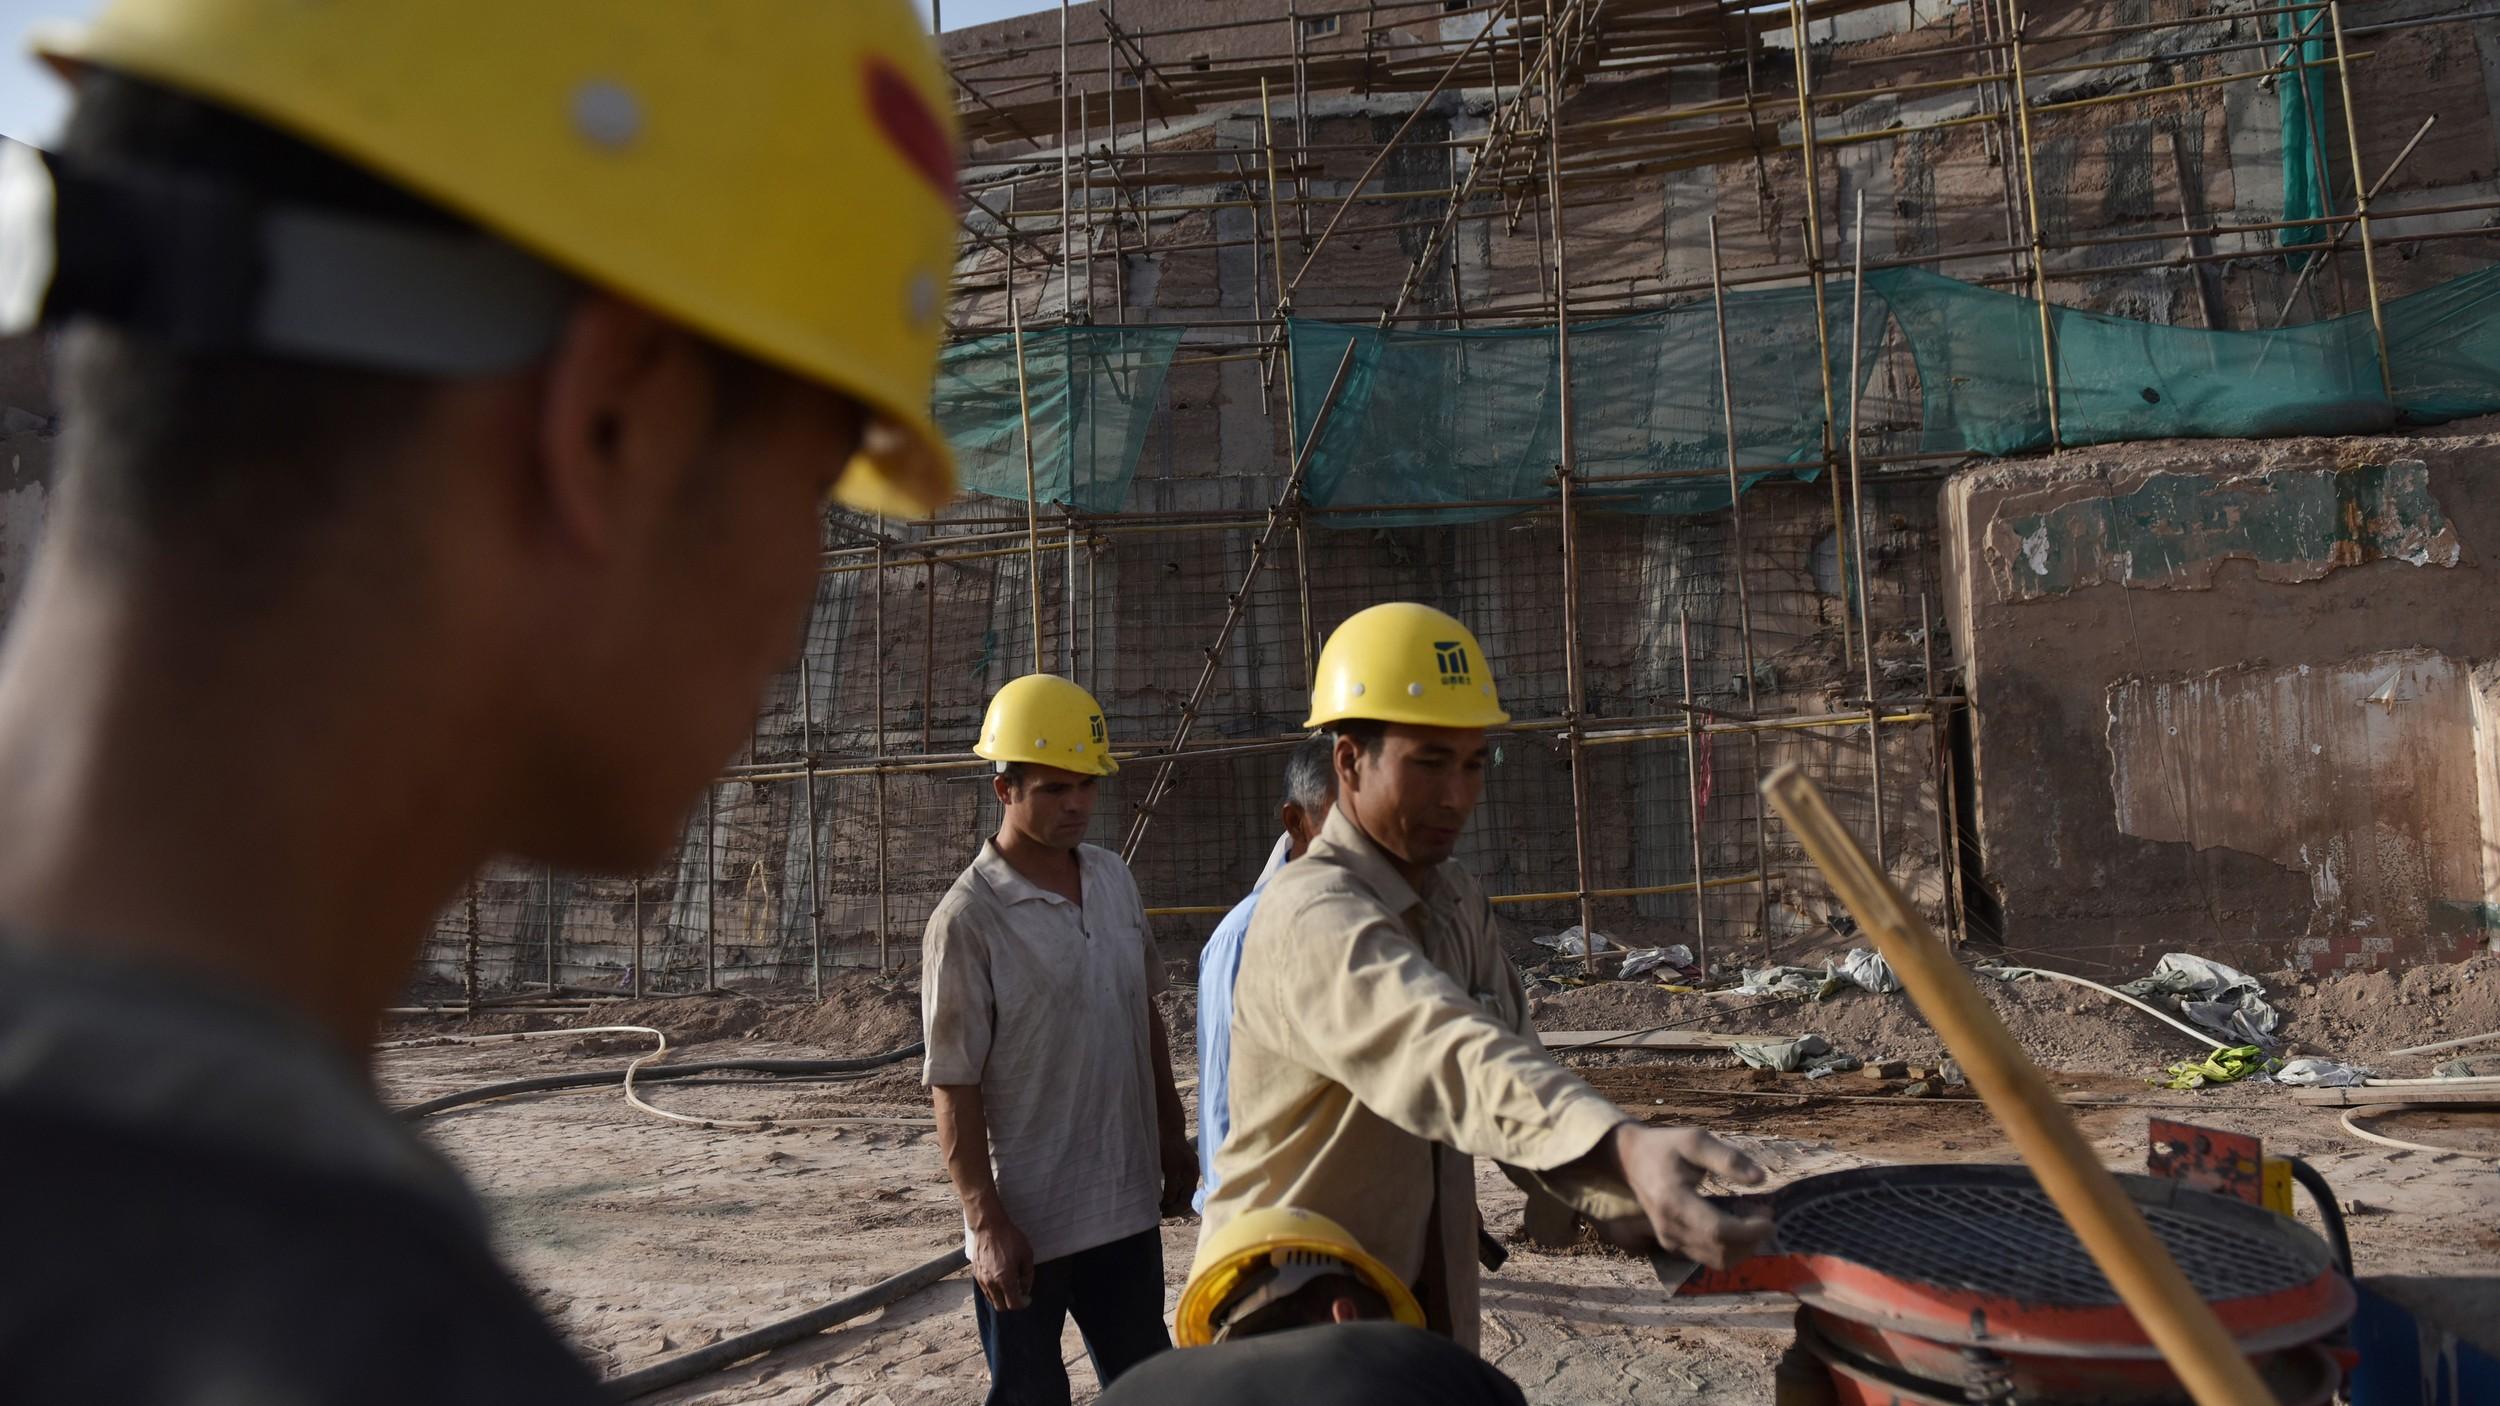 Kashgar's Old City Destruction Emblematic of Beijing's Cultural Campaign Against Uyghurs: Report